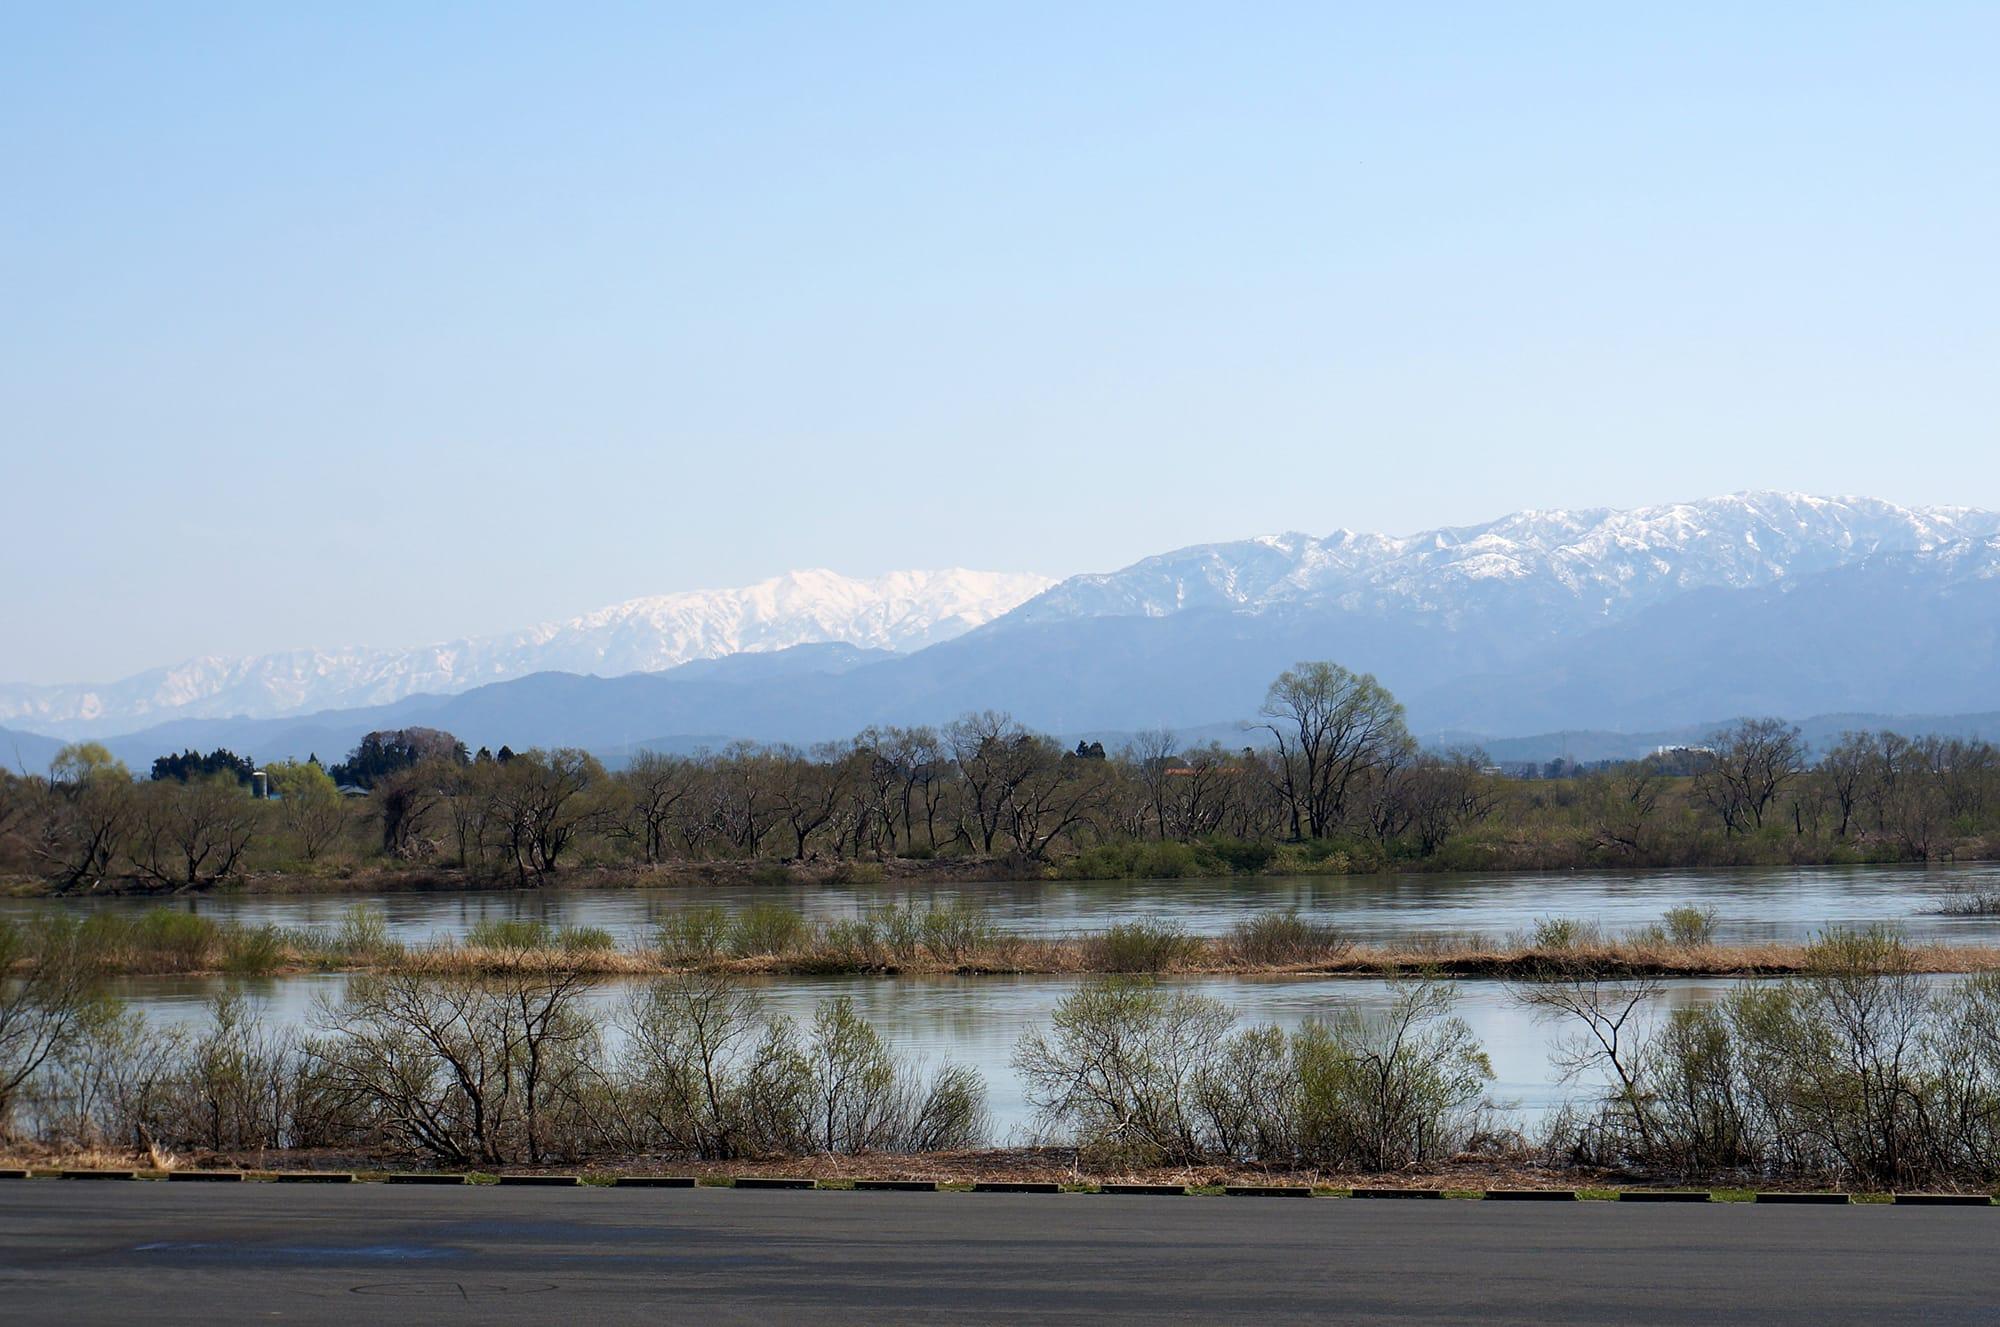 古くから湧き水や地下水に恵まれた新潟県五泉市は、古くから絹織物の生産がさかんな地だったが、洋服の需要が高まりニット製造へと発展した。現在は日本一のニット産地。